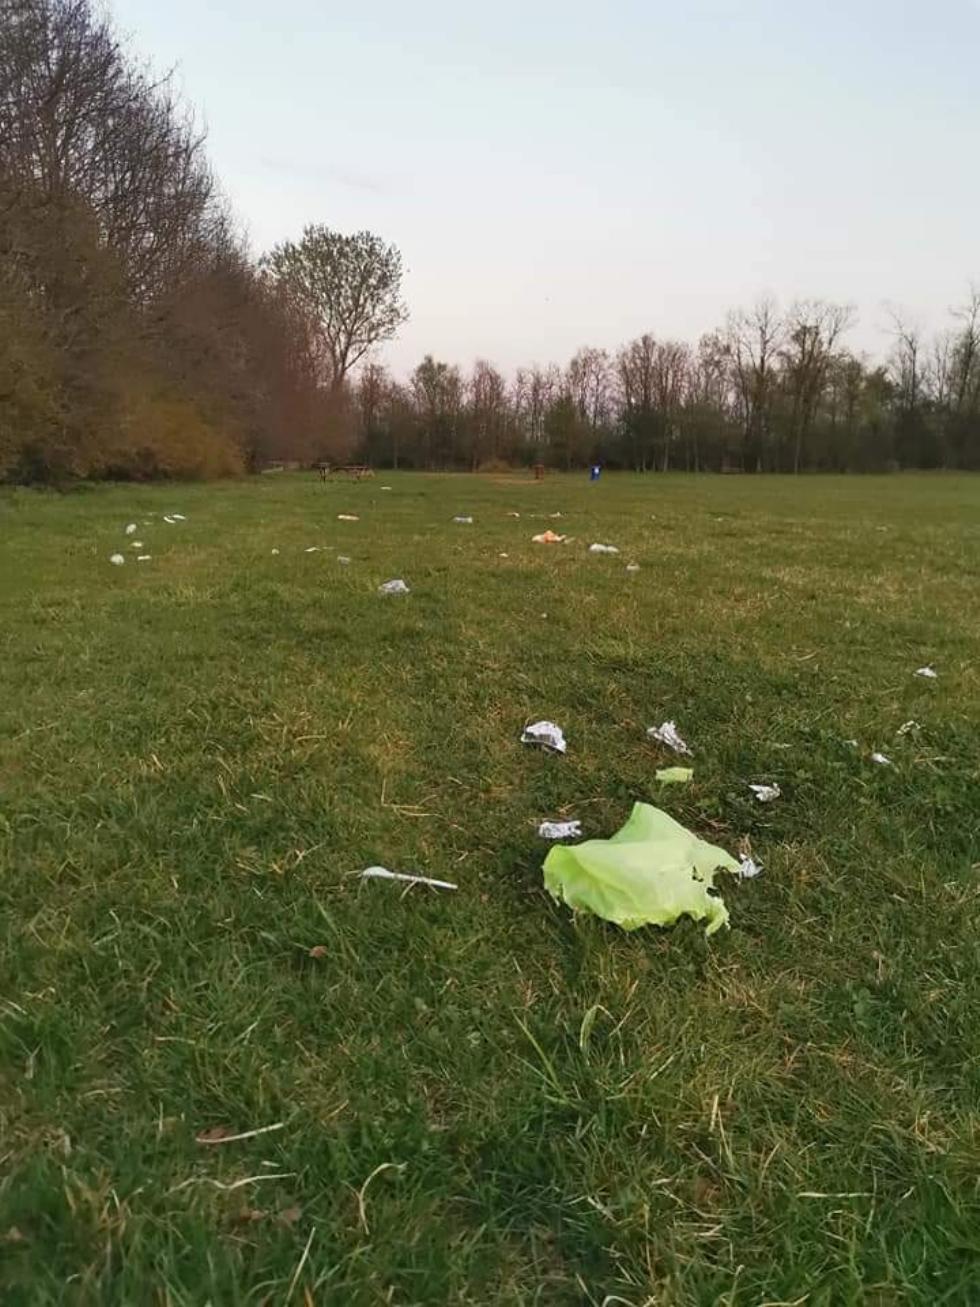 VENARIA - L'inciviltà si appropria del parco della Mandria: rifiuti abbandonati nel polmone verde